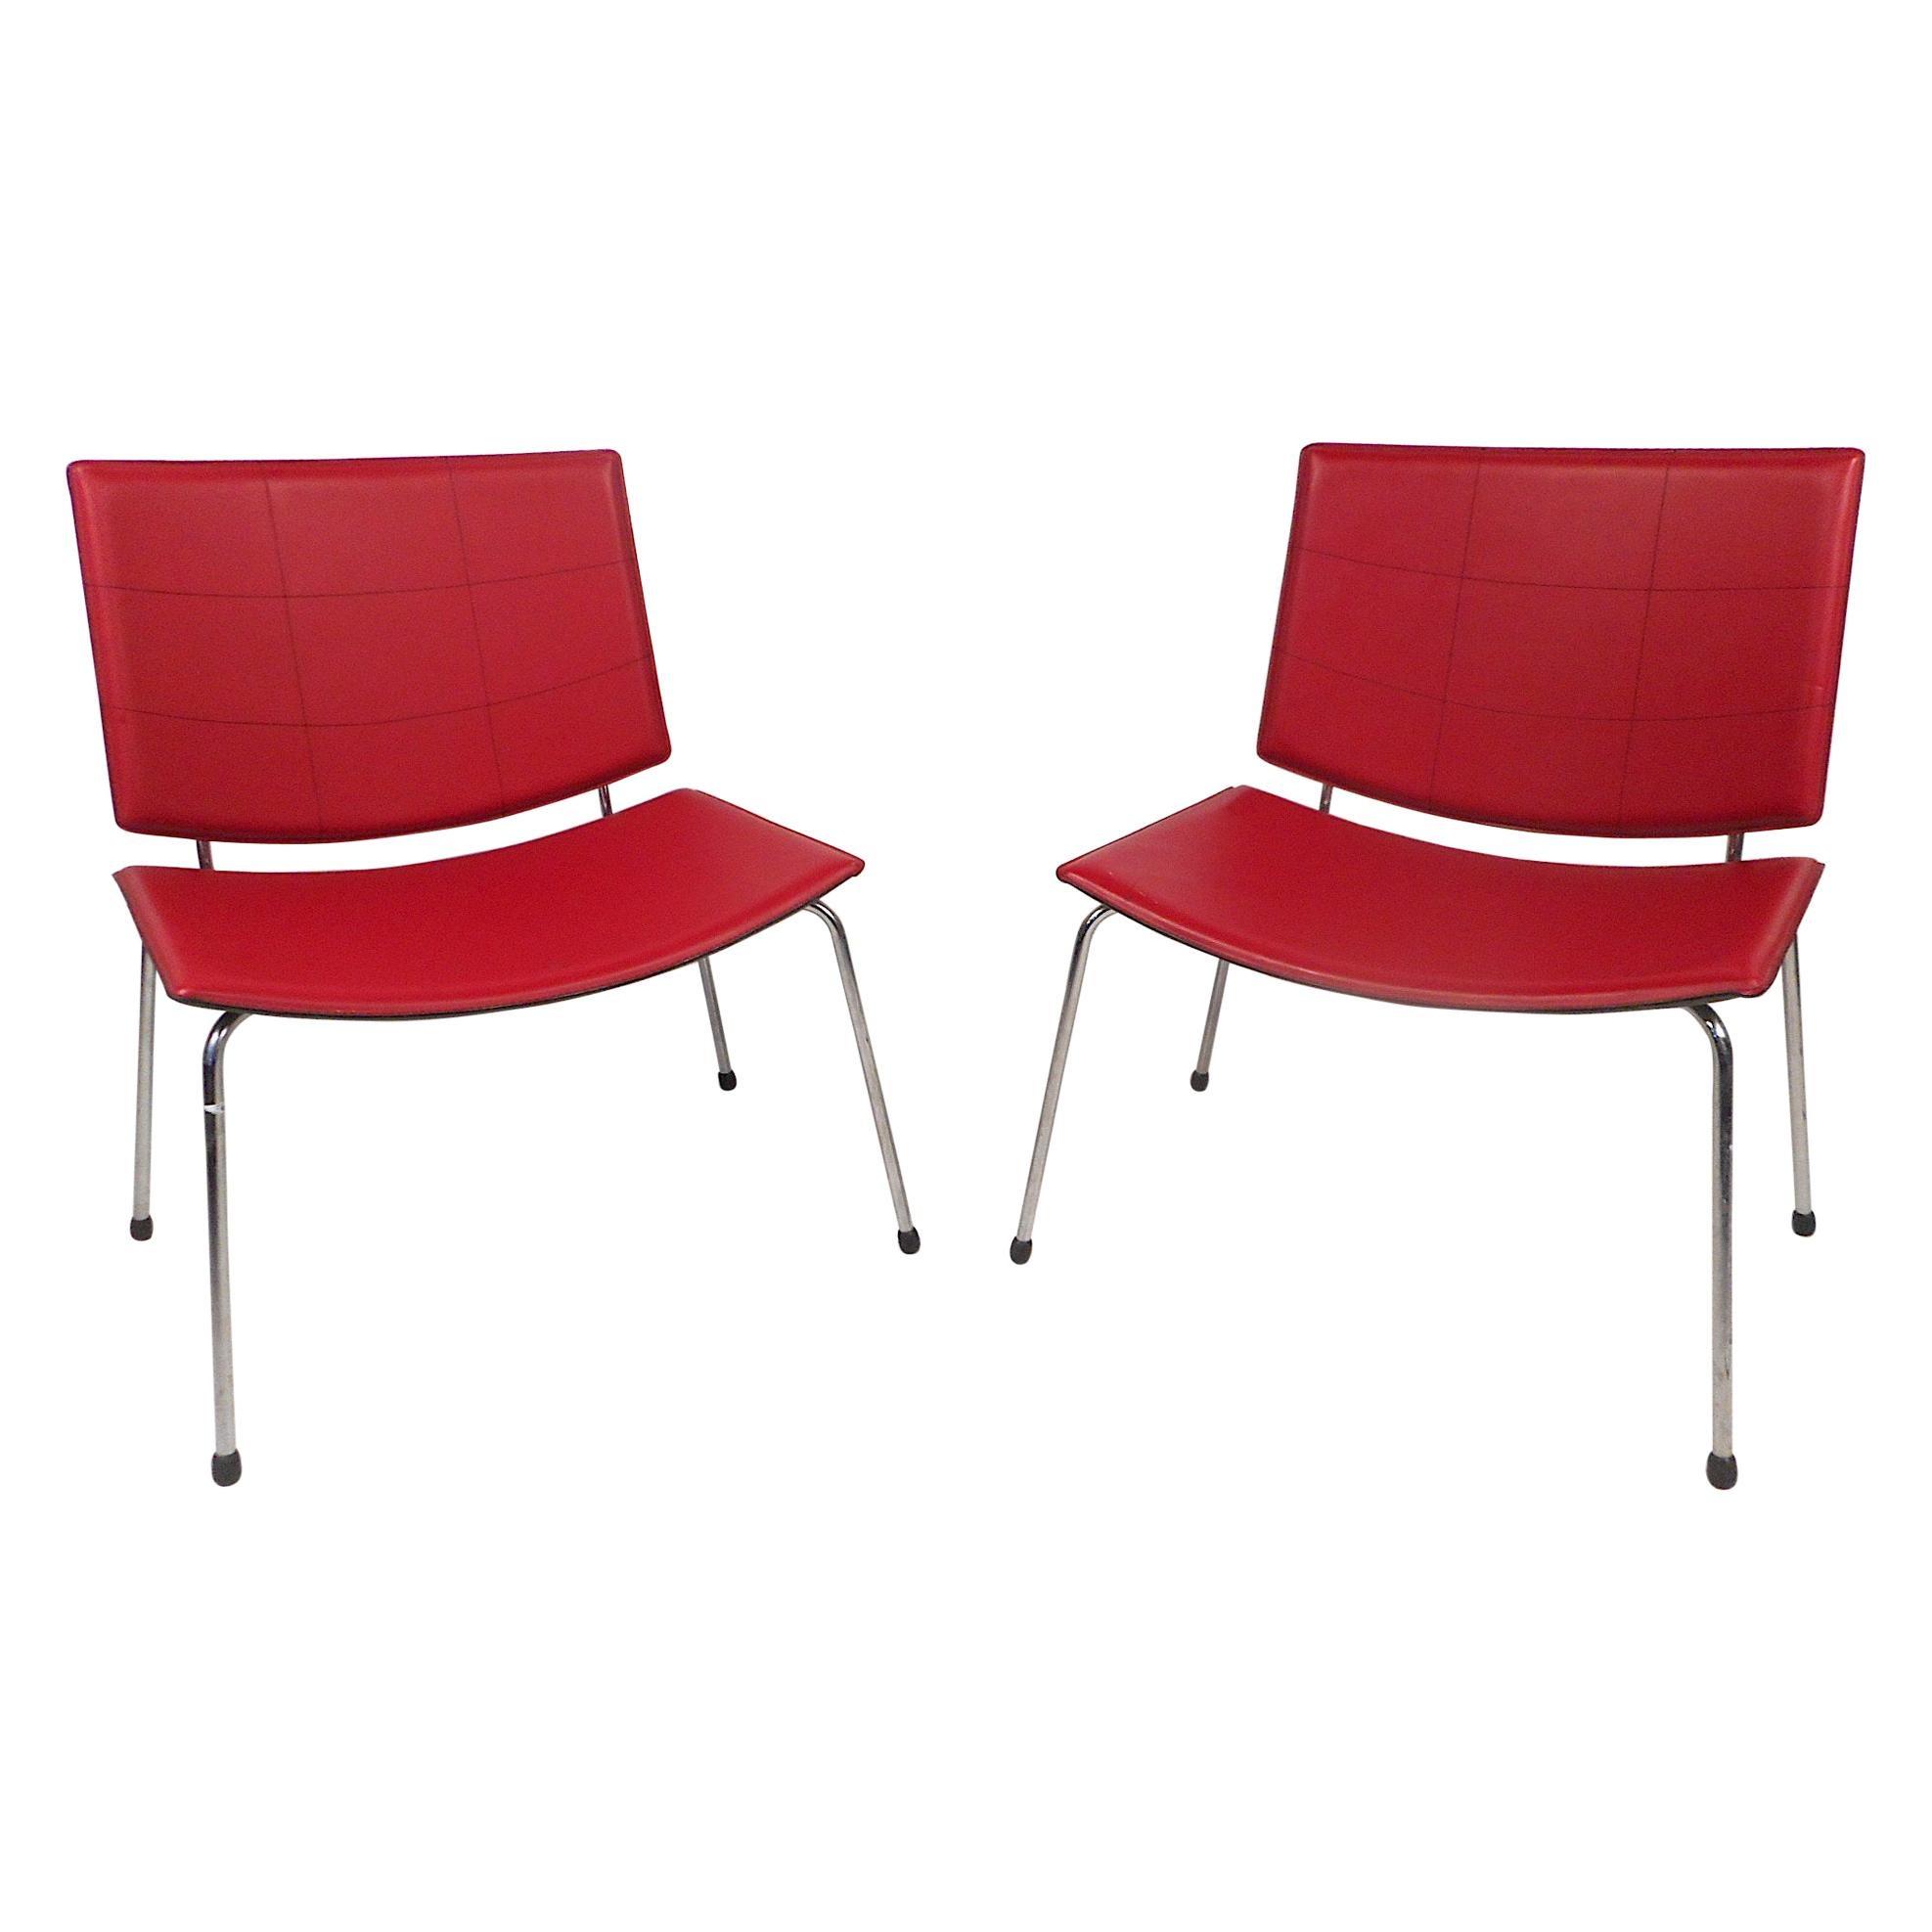 Contemporary Modern Italian Chairs, a Pair